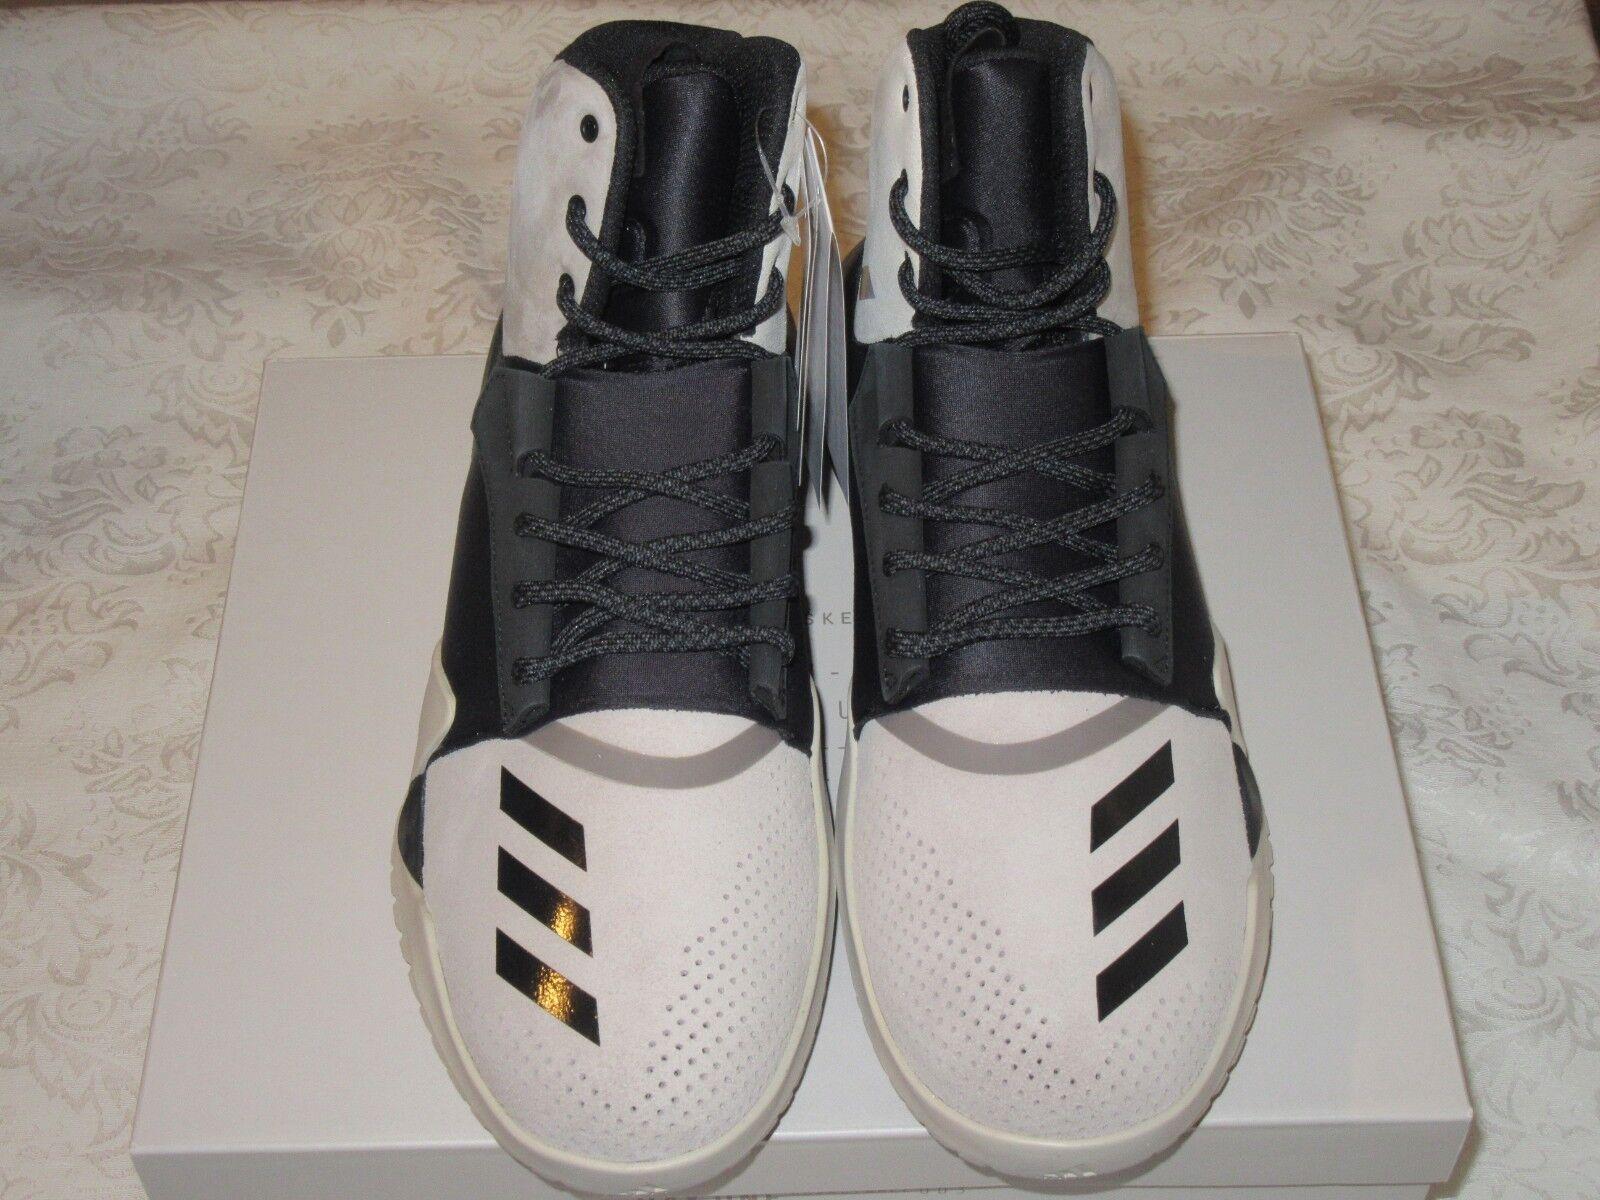 Adidas Originals Consortium x Day One ADO Crazy Team BY2869 Men's US Size 11